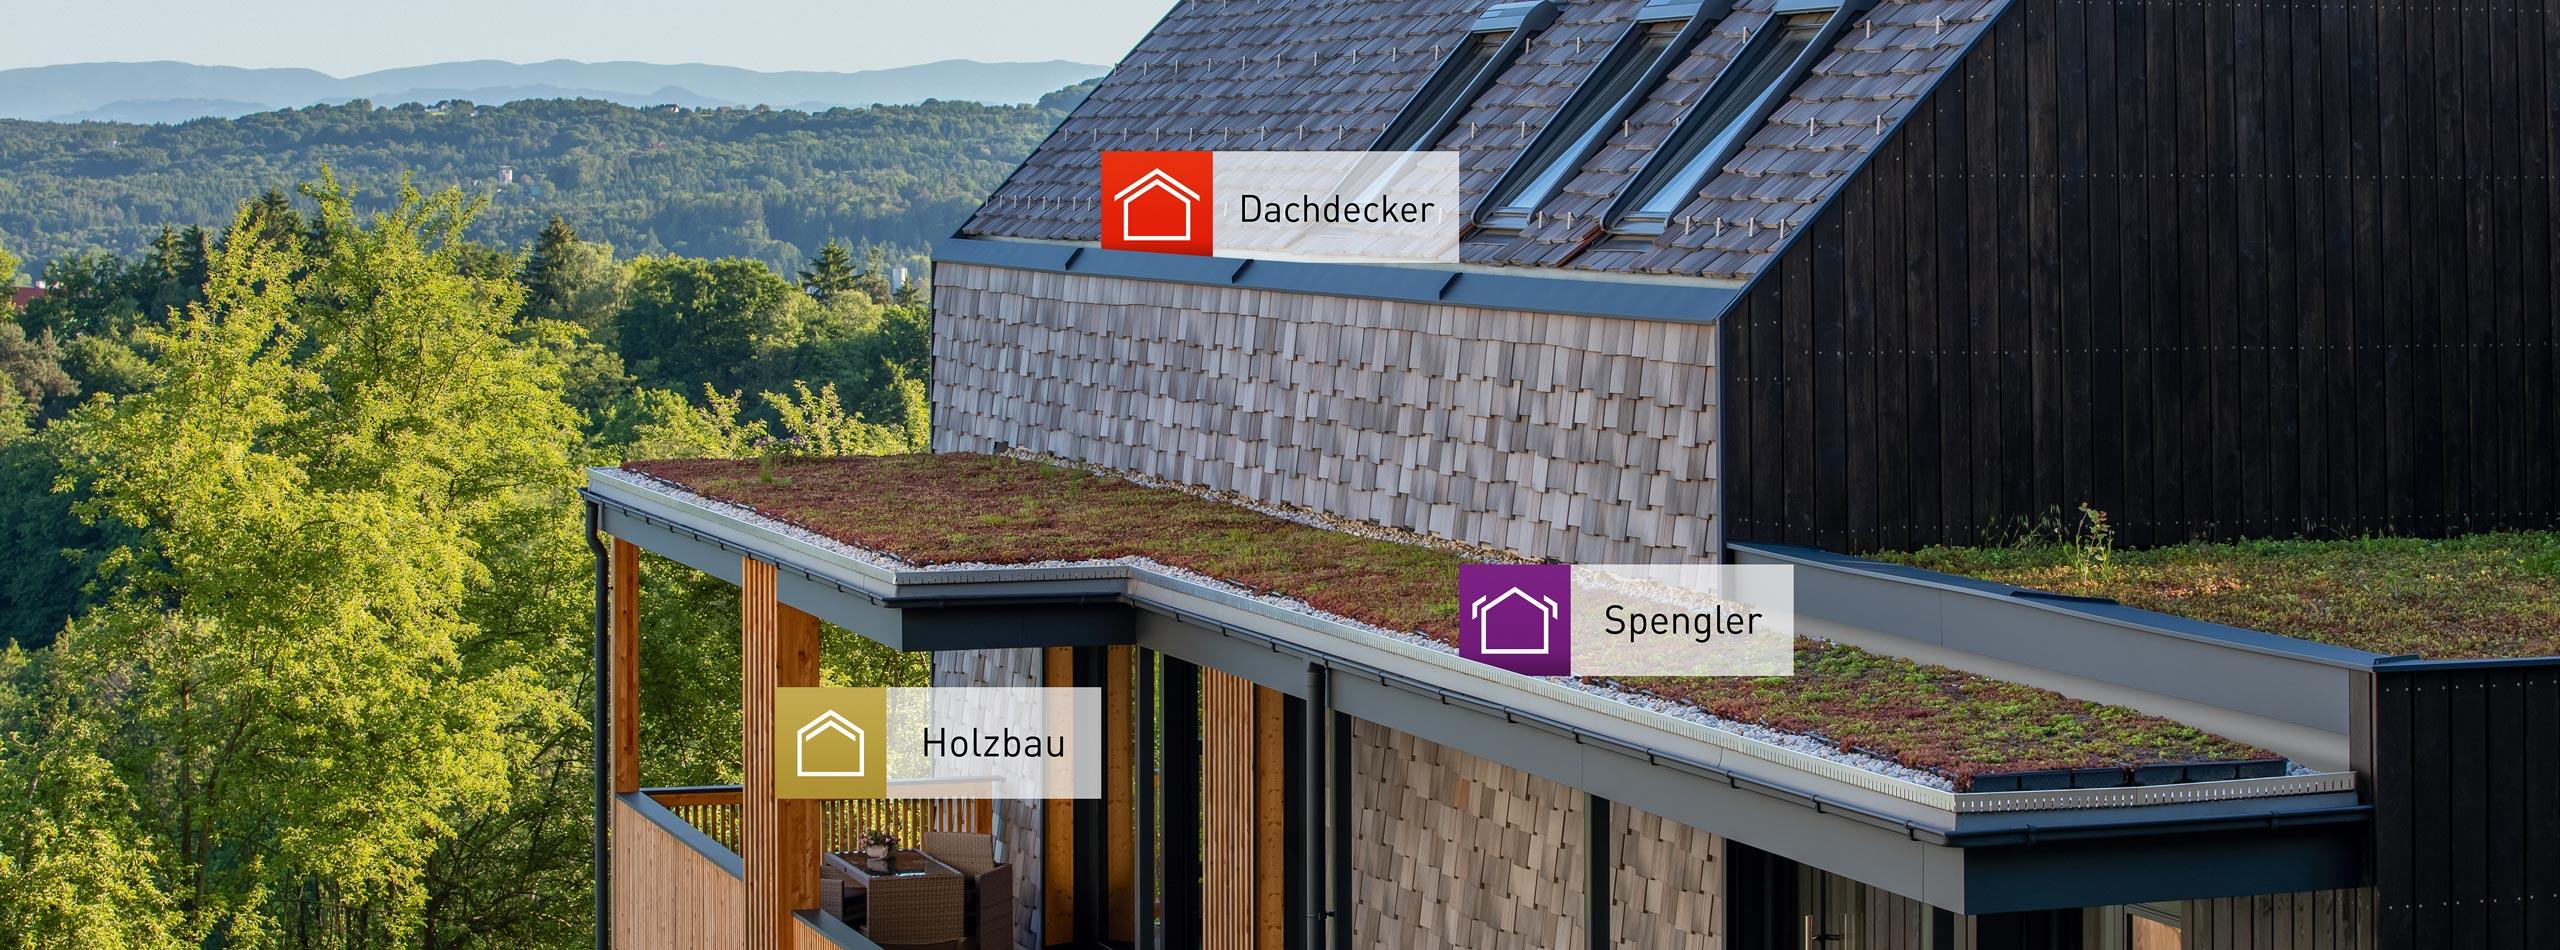 HSP Holzbau Dachdecker Spengler Kirchbach Steiermark